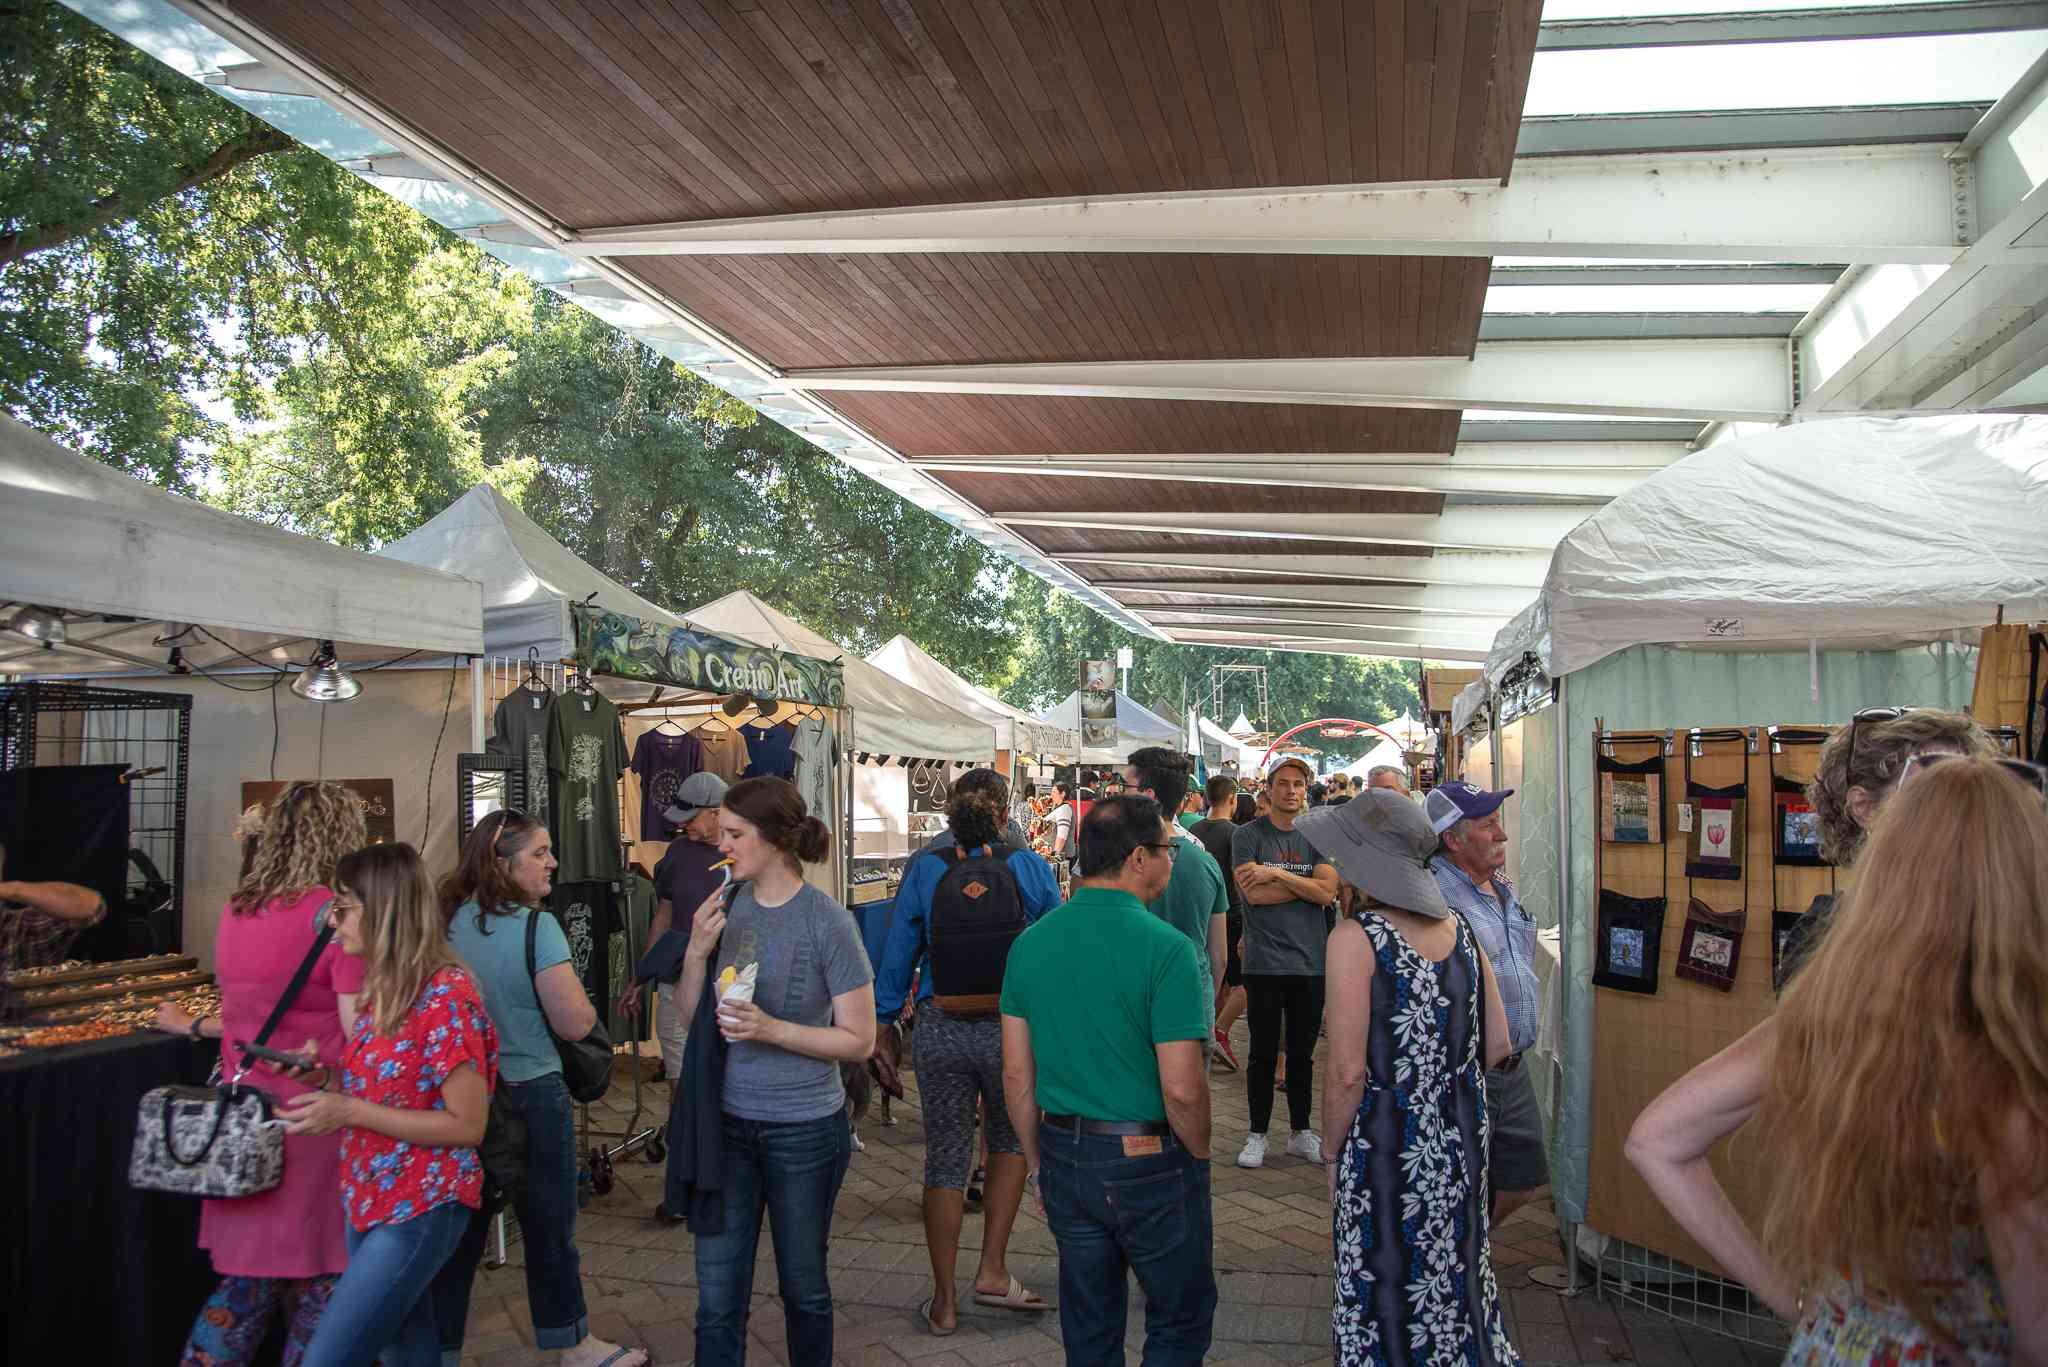 Gente deambulando por las filas de vendedores en el mercado del sábado